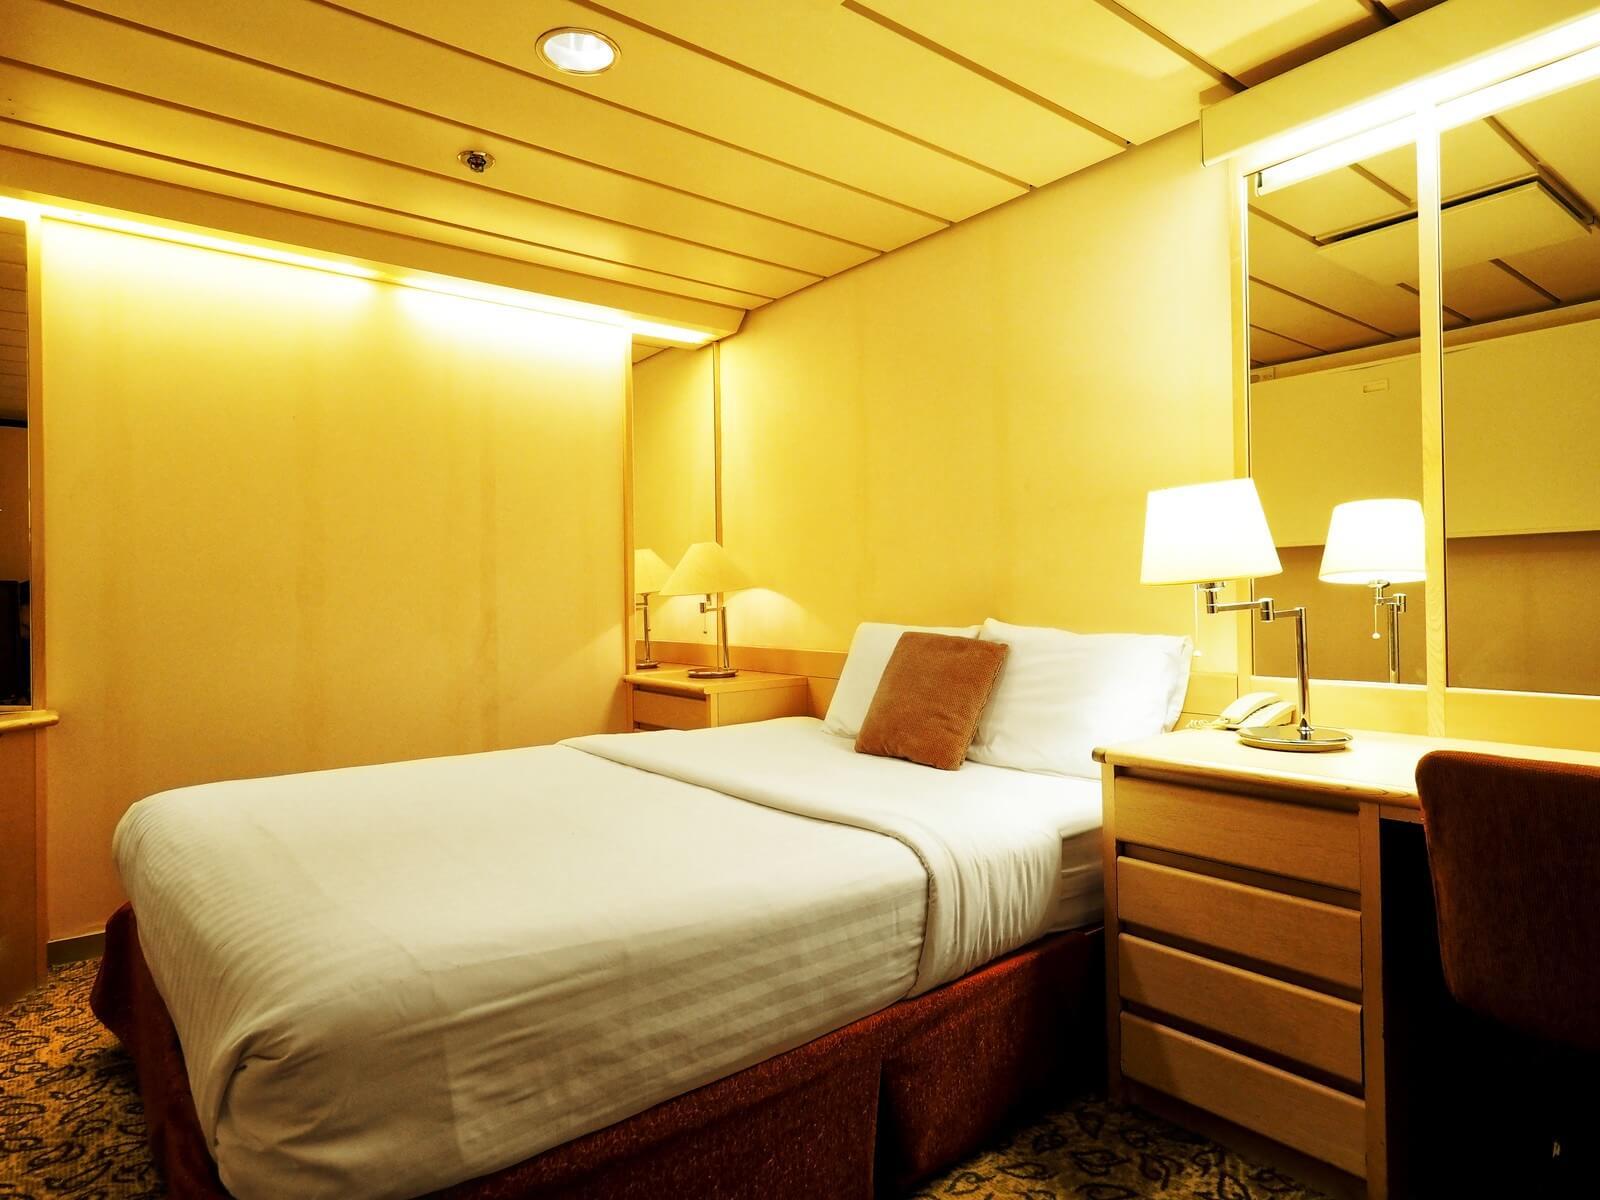 ピースボート2 客室 エコノミー ダブル